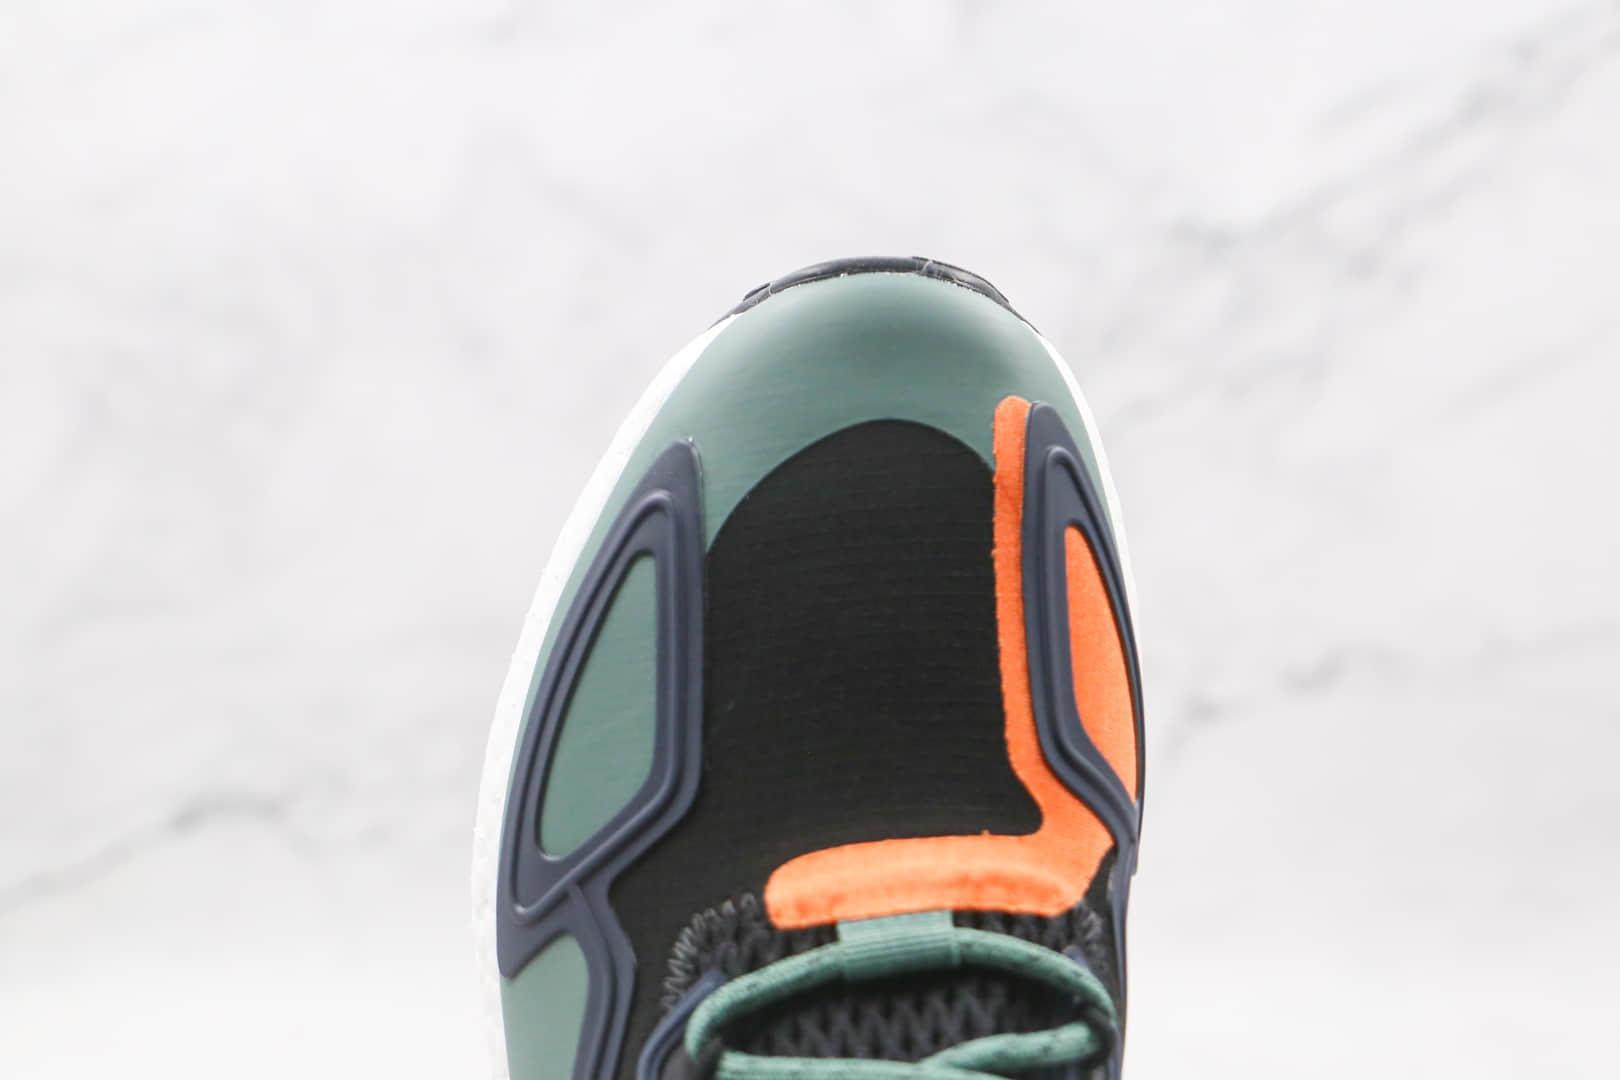 阿迪达斯Adidas ZX 2K BOOST纯原版本三叶草黑绿橙深蓝色爆米花跑鞋原厂BOOST大底 货号:FZ0218